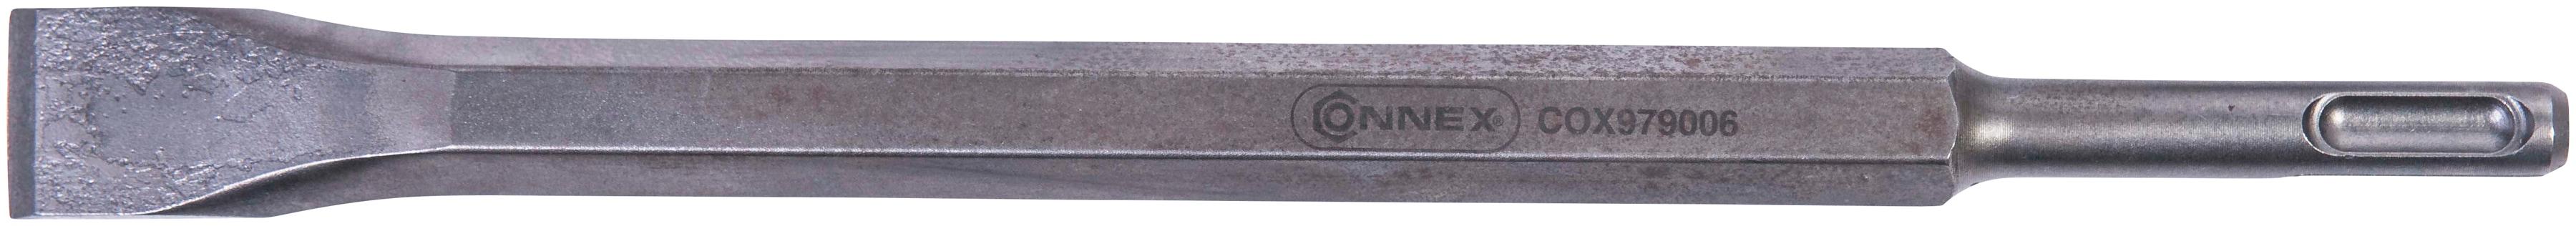 Connex Flachmeißel SDS plus, 20 x 250 mm grau Meißel Werkzeug Maschinen